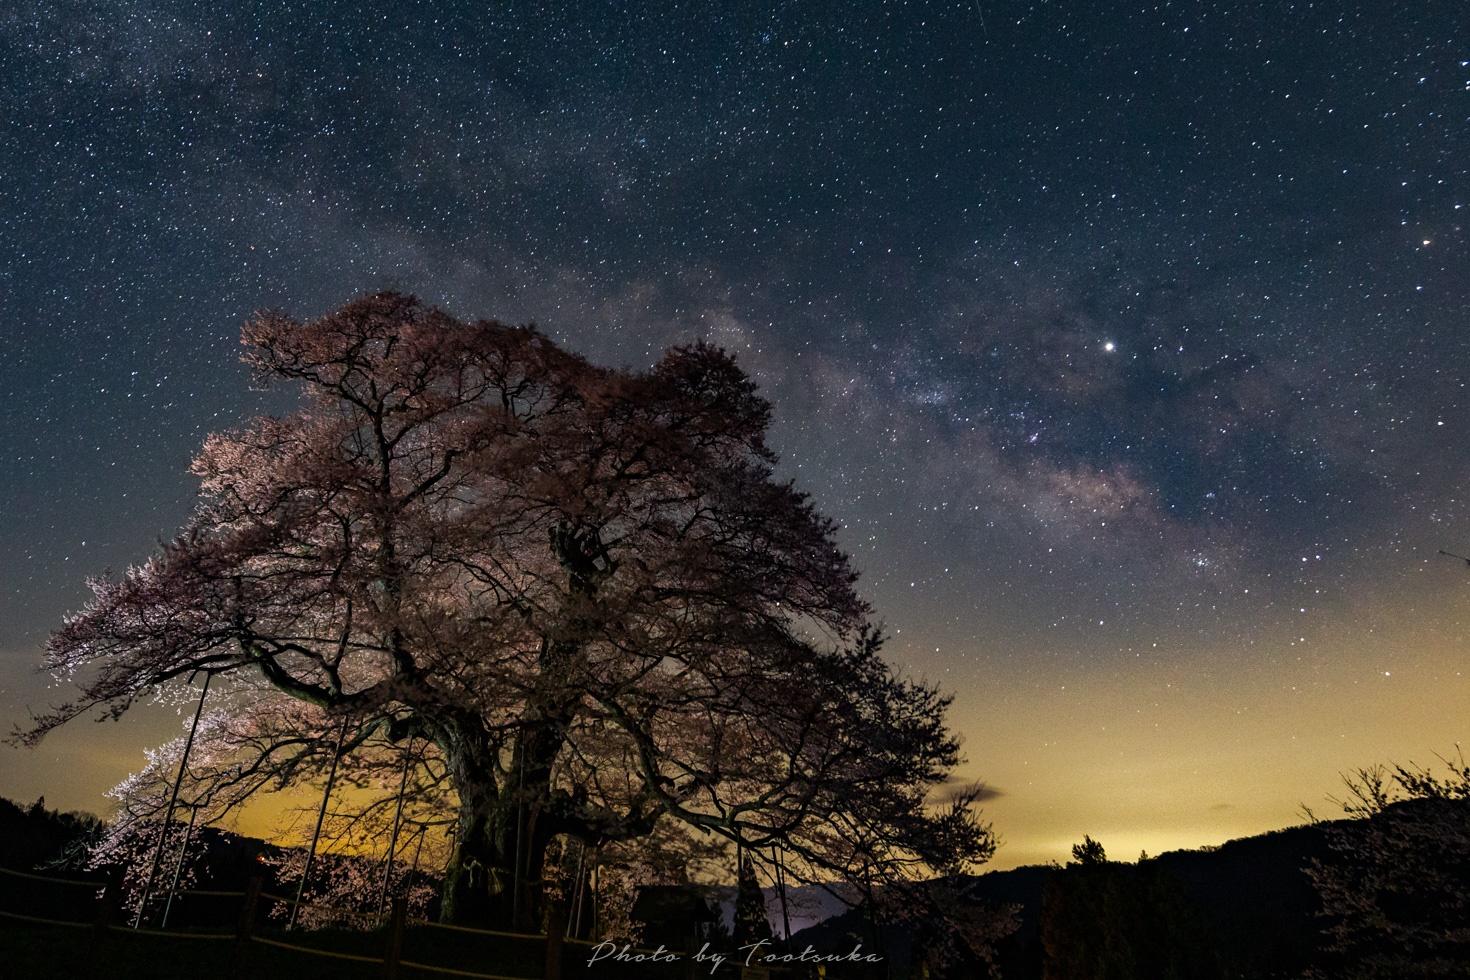 醍醐桜と天の川銀河